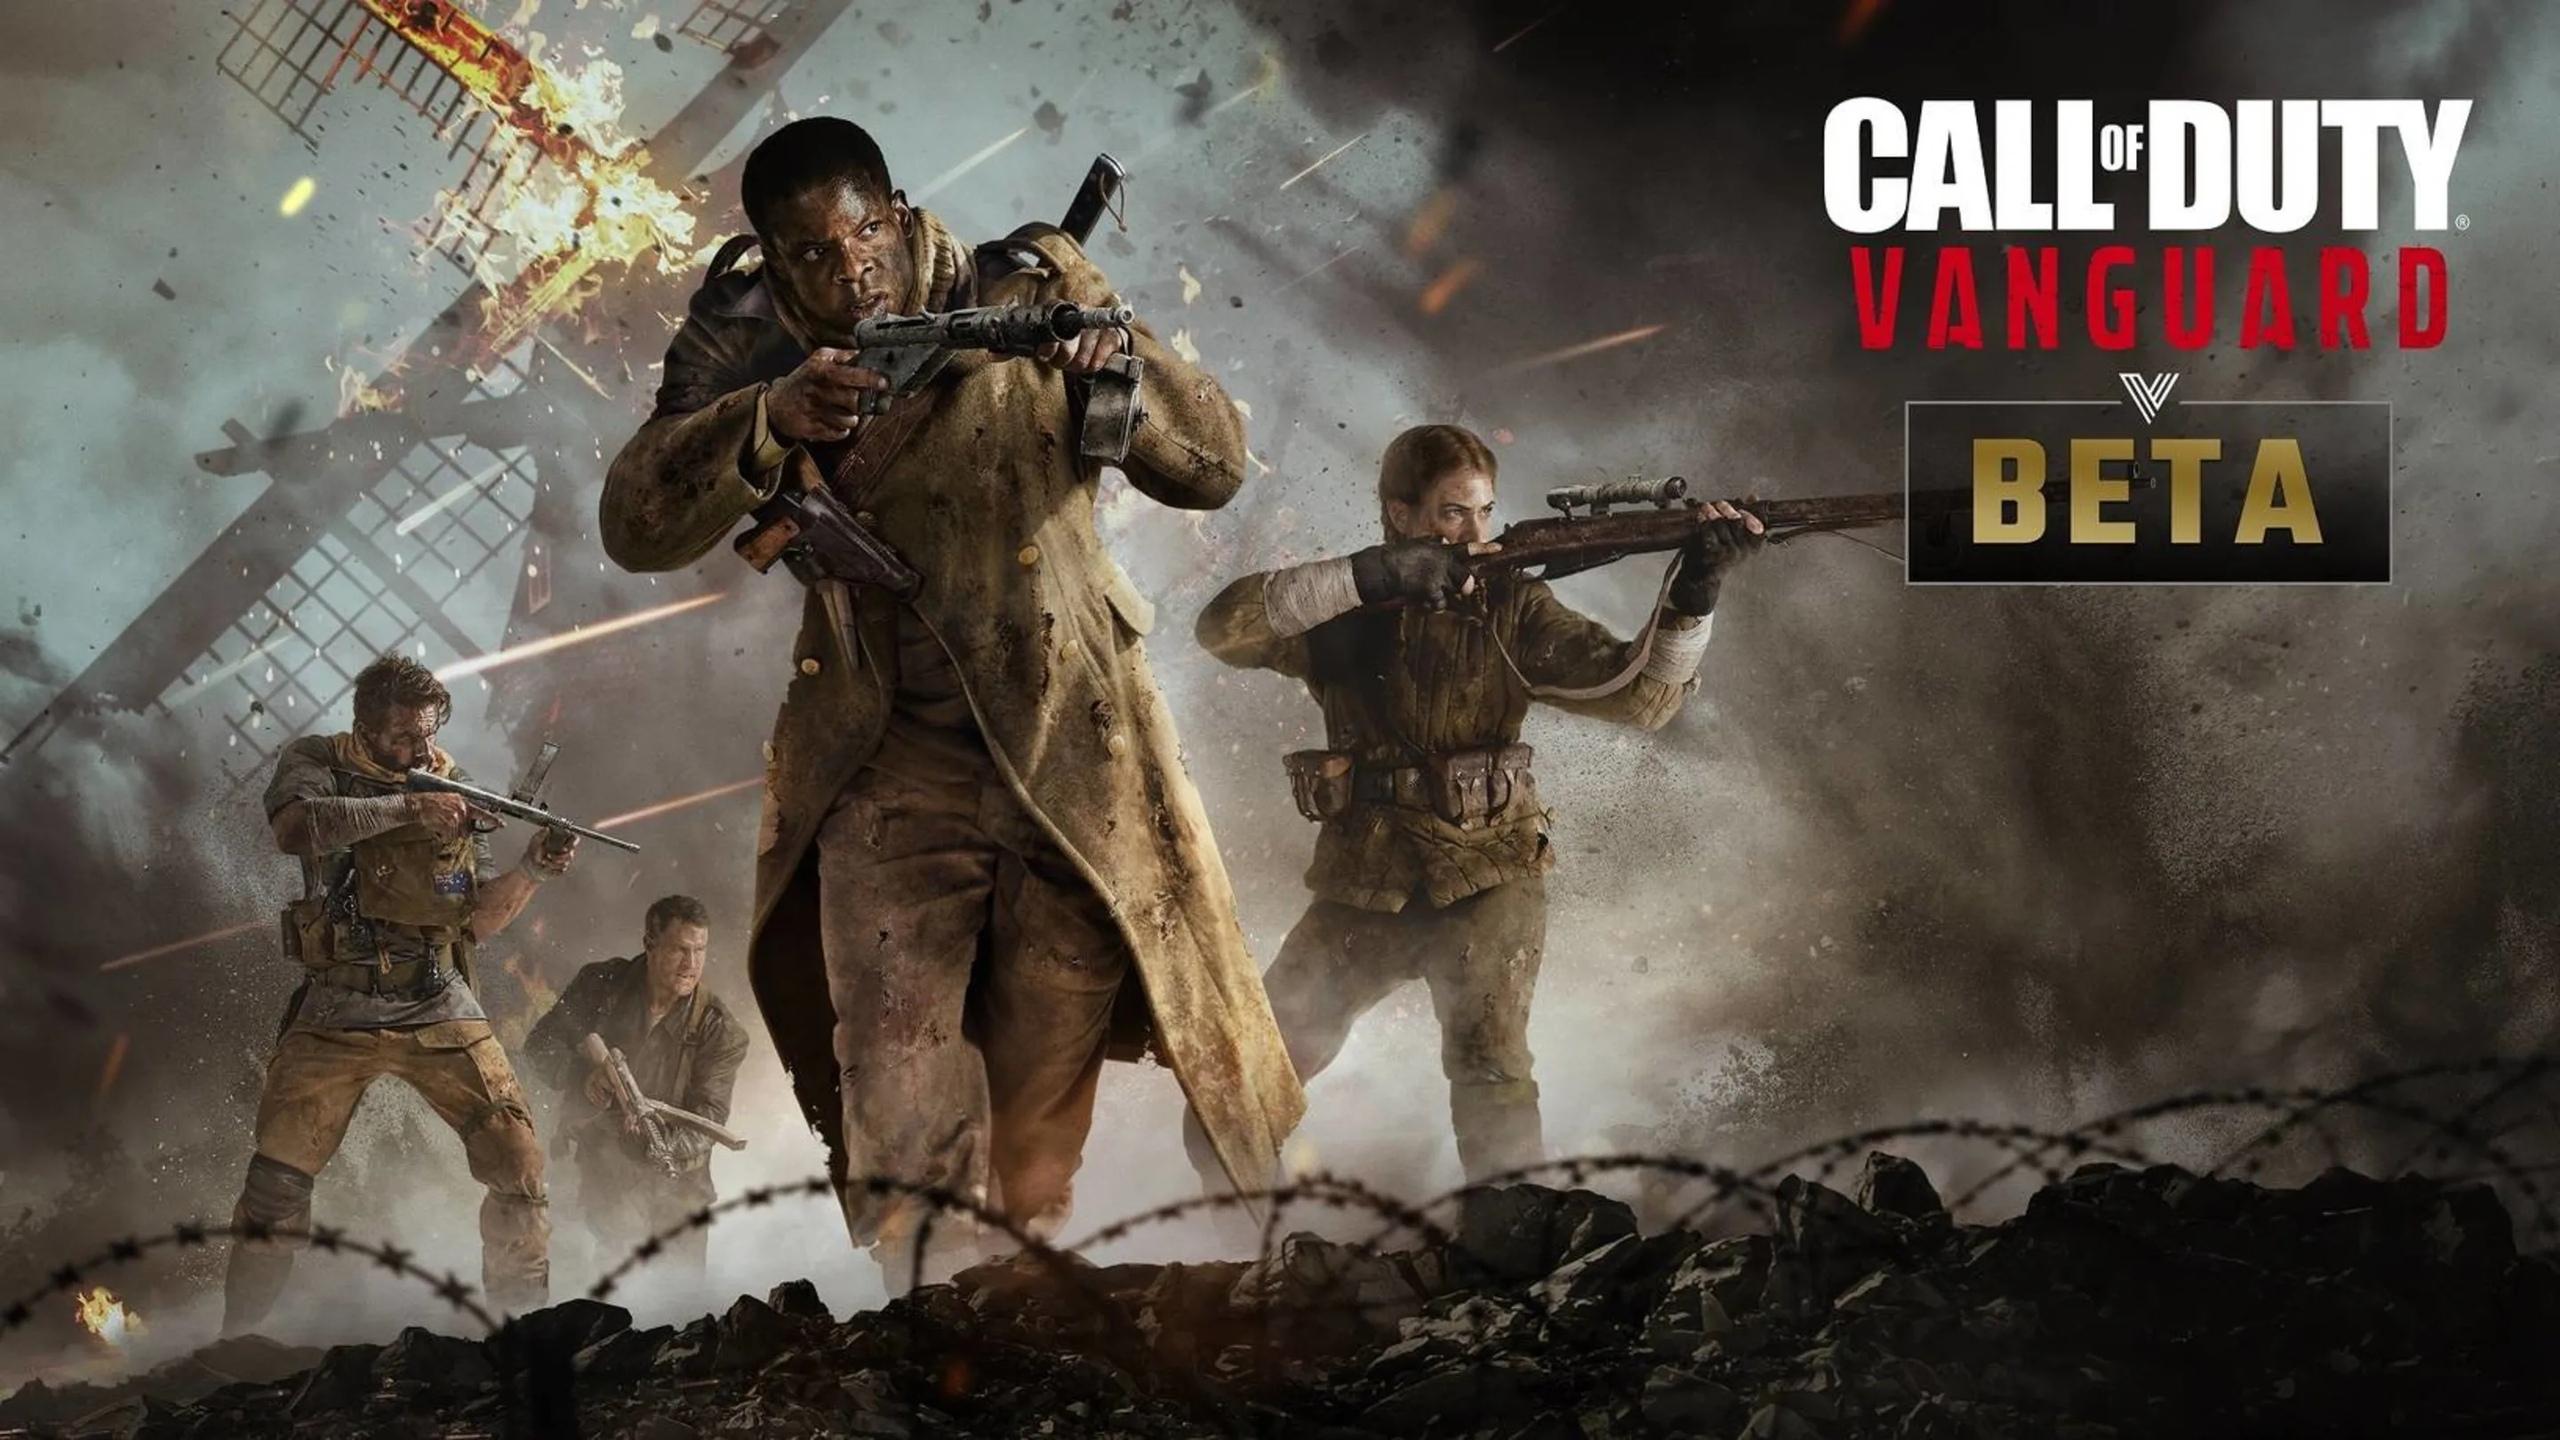 Ранний доступ к бете Call of Duty: Vanguard за лайк!